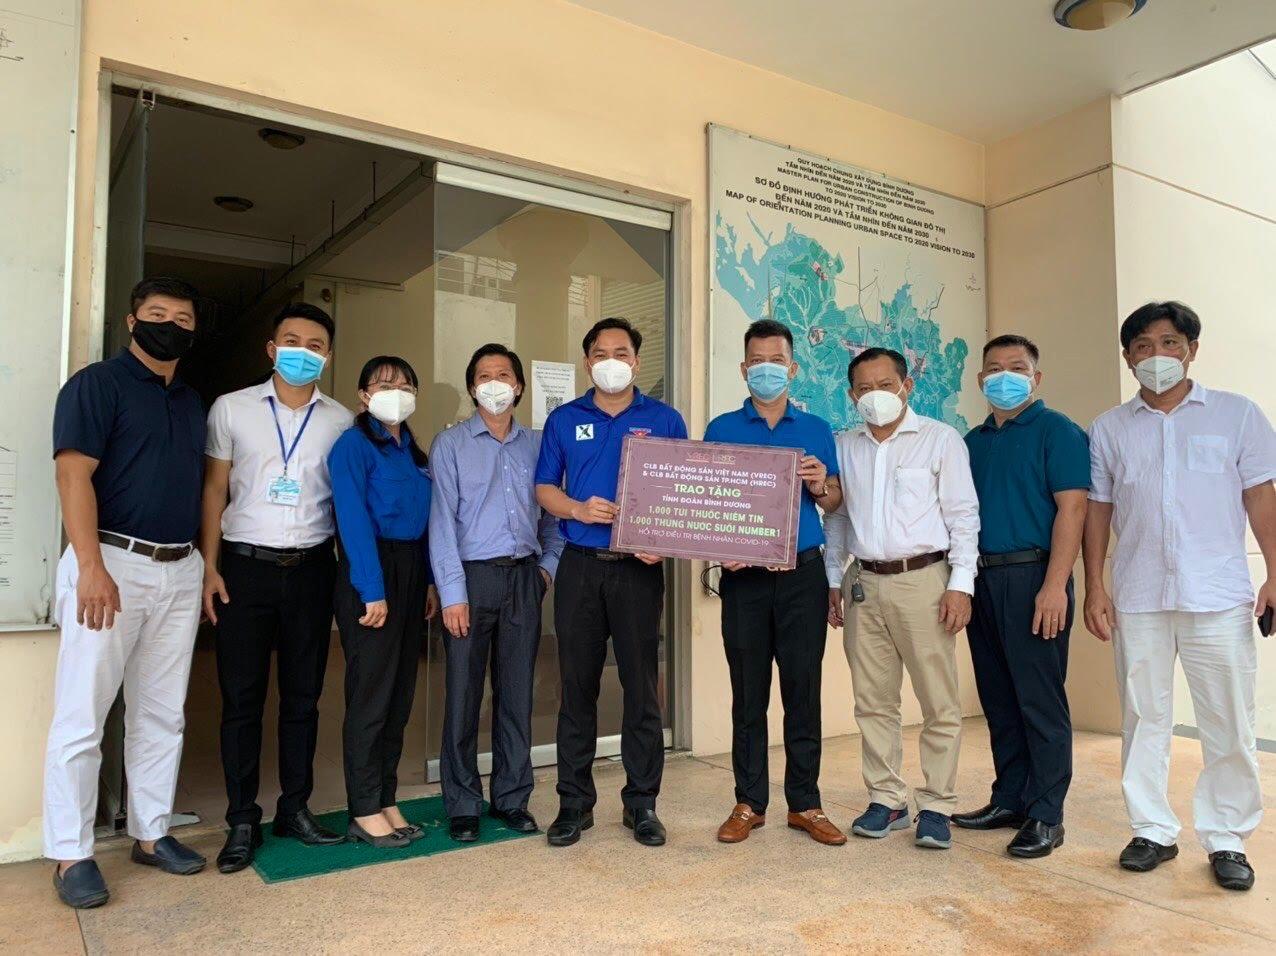 Ông Nguyễn Quốc Bảo Chủ tịch VREC & HREC, trao tặng bảng tượng trưng 1.000